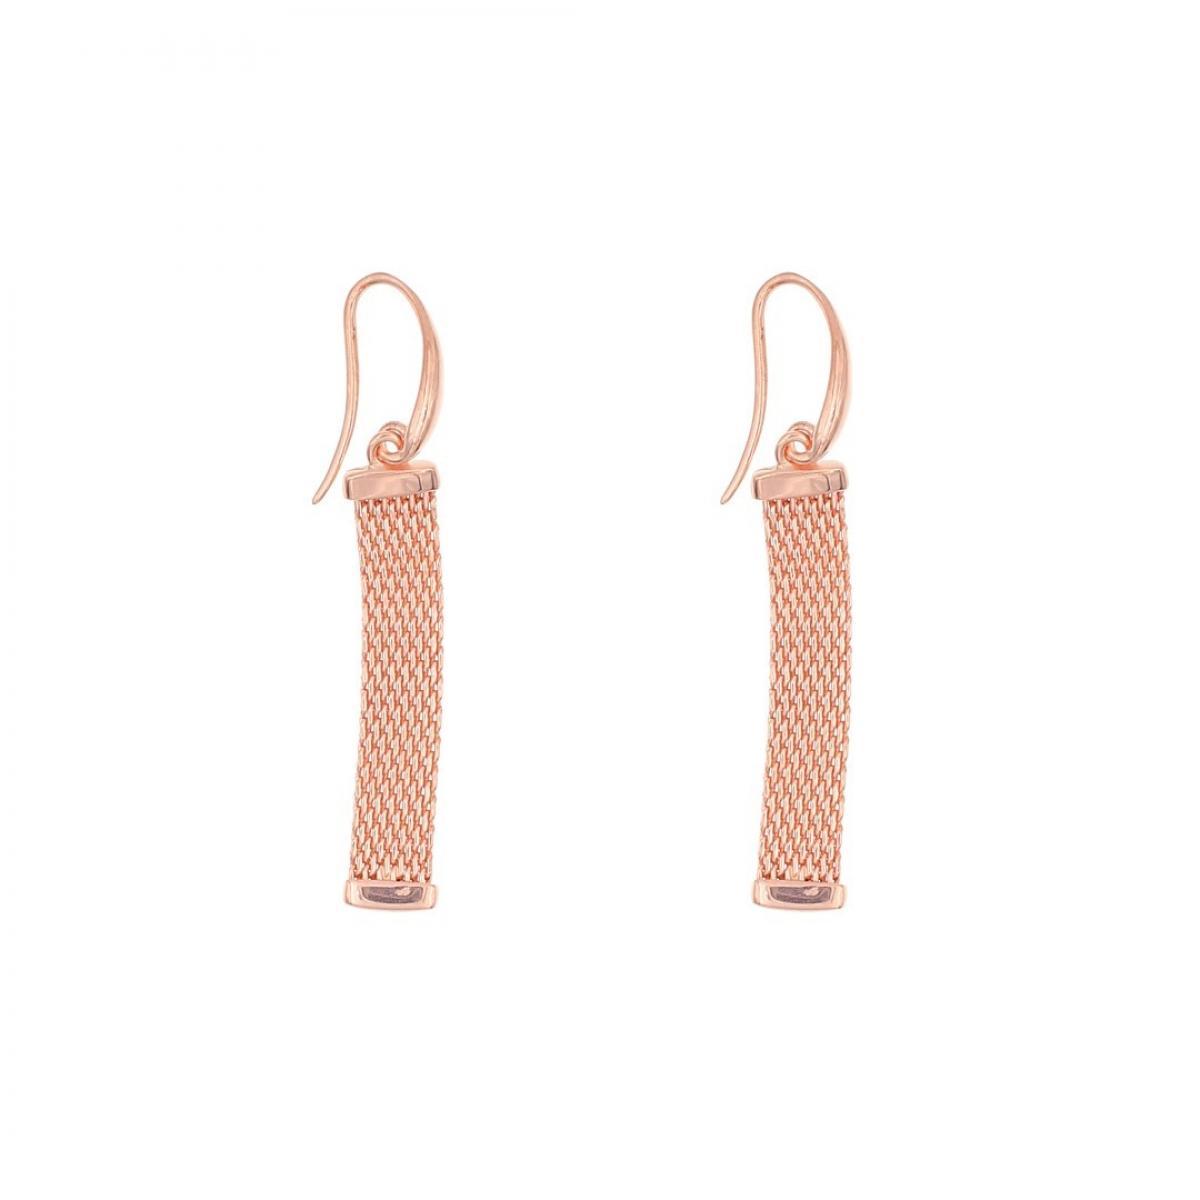 Сережки срібні ``Milano Gold`` з позолотою